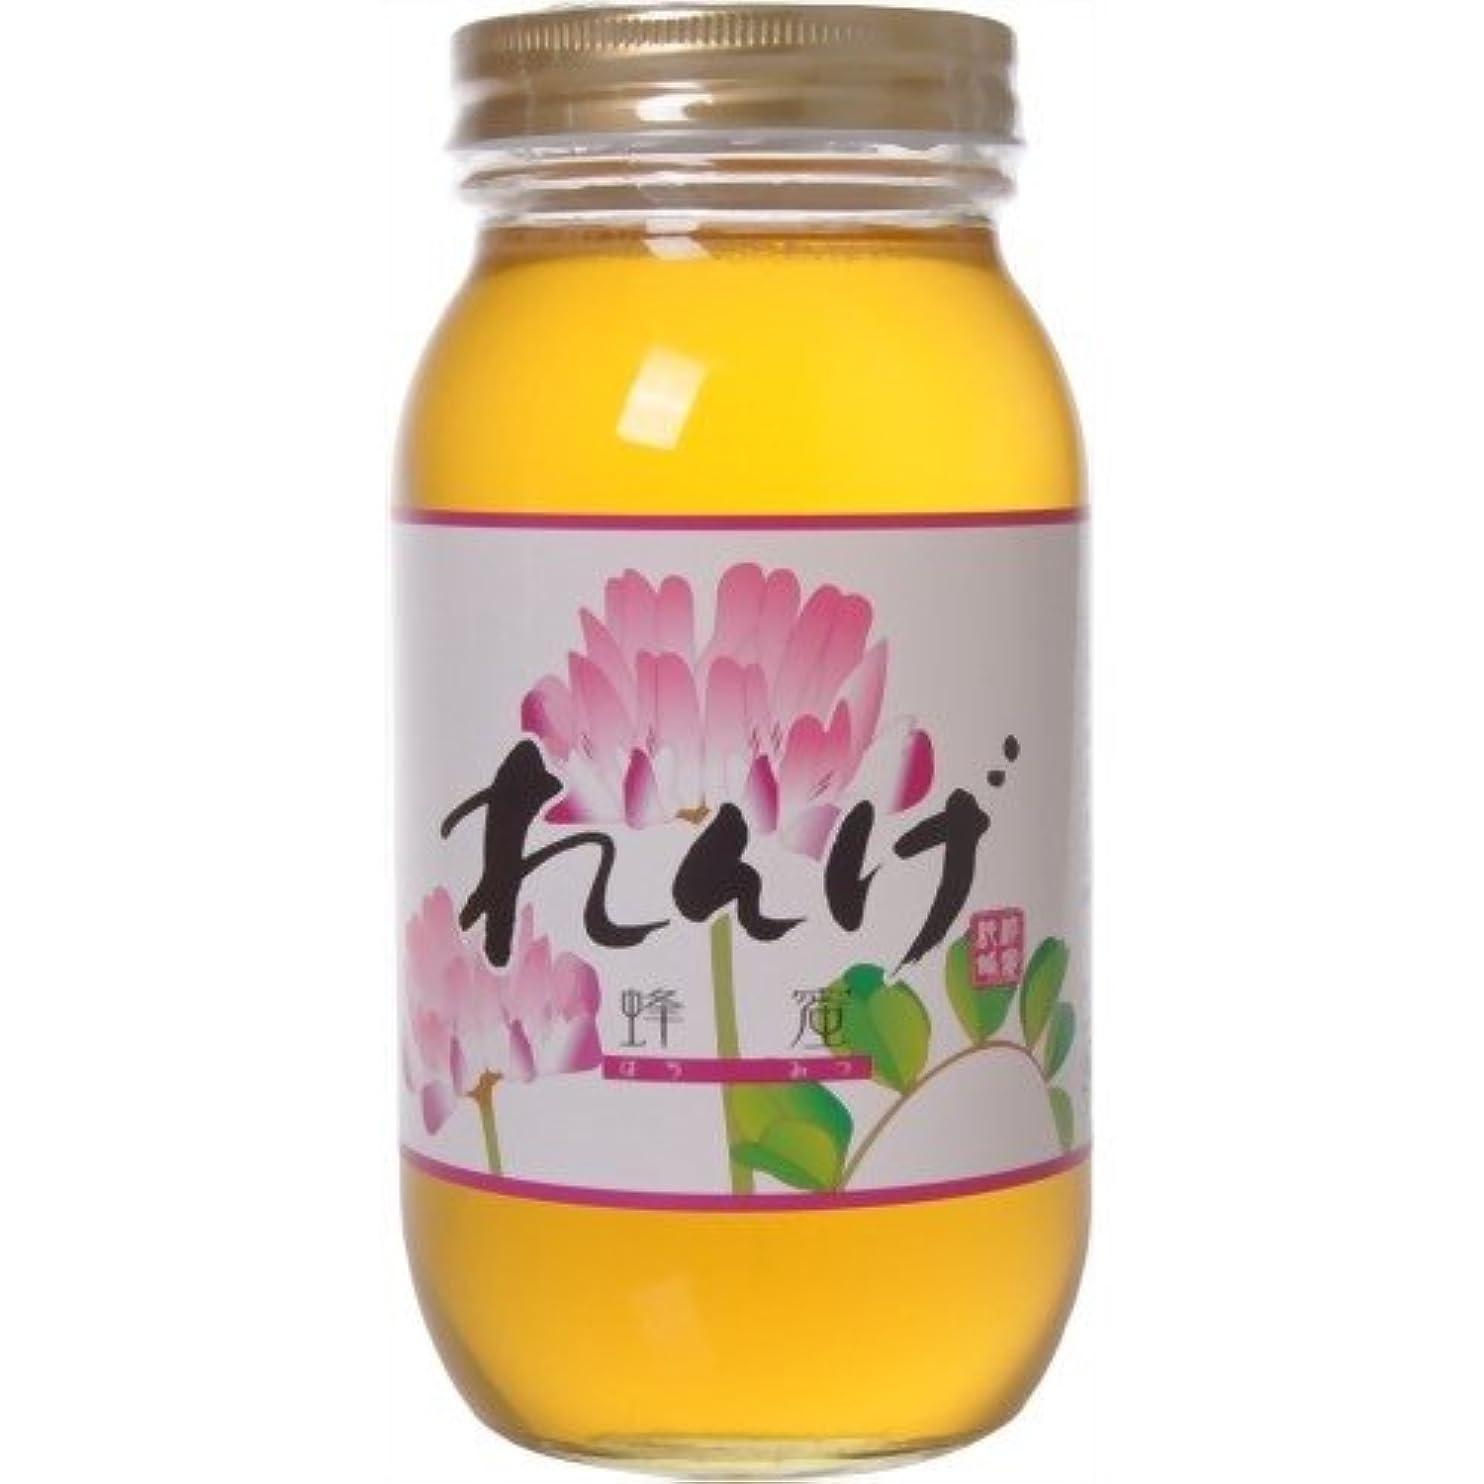 地上で確保する未就学藤井養蜂場 中国産レンゲはちみつ 1kg